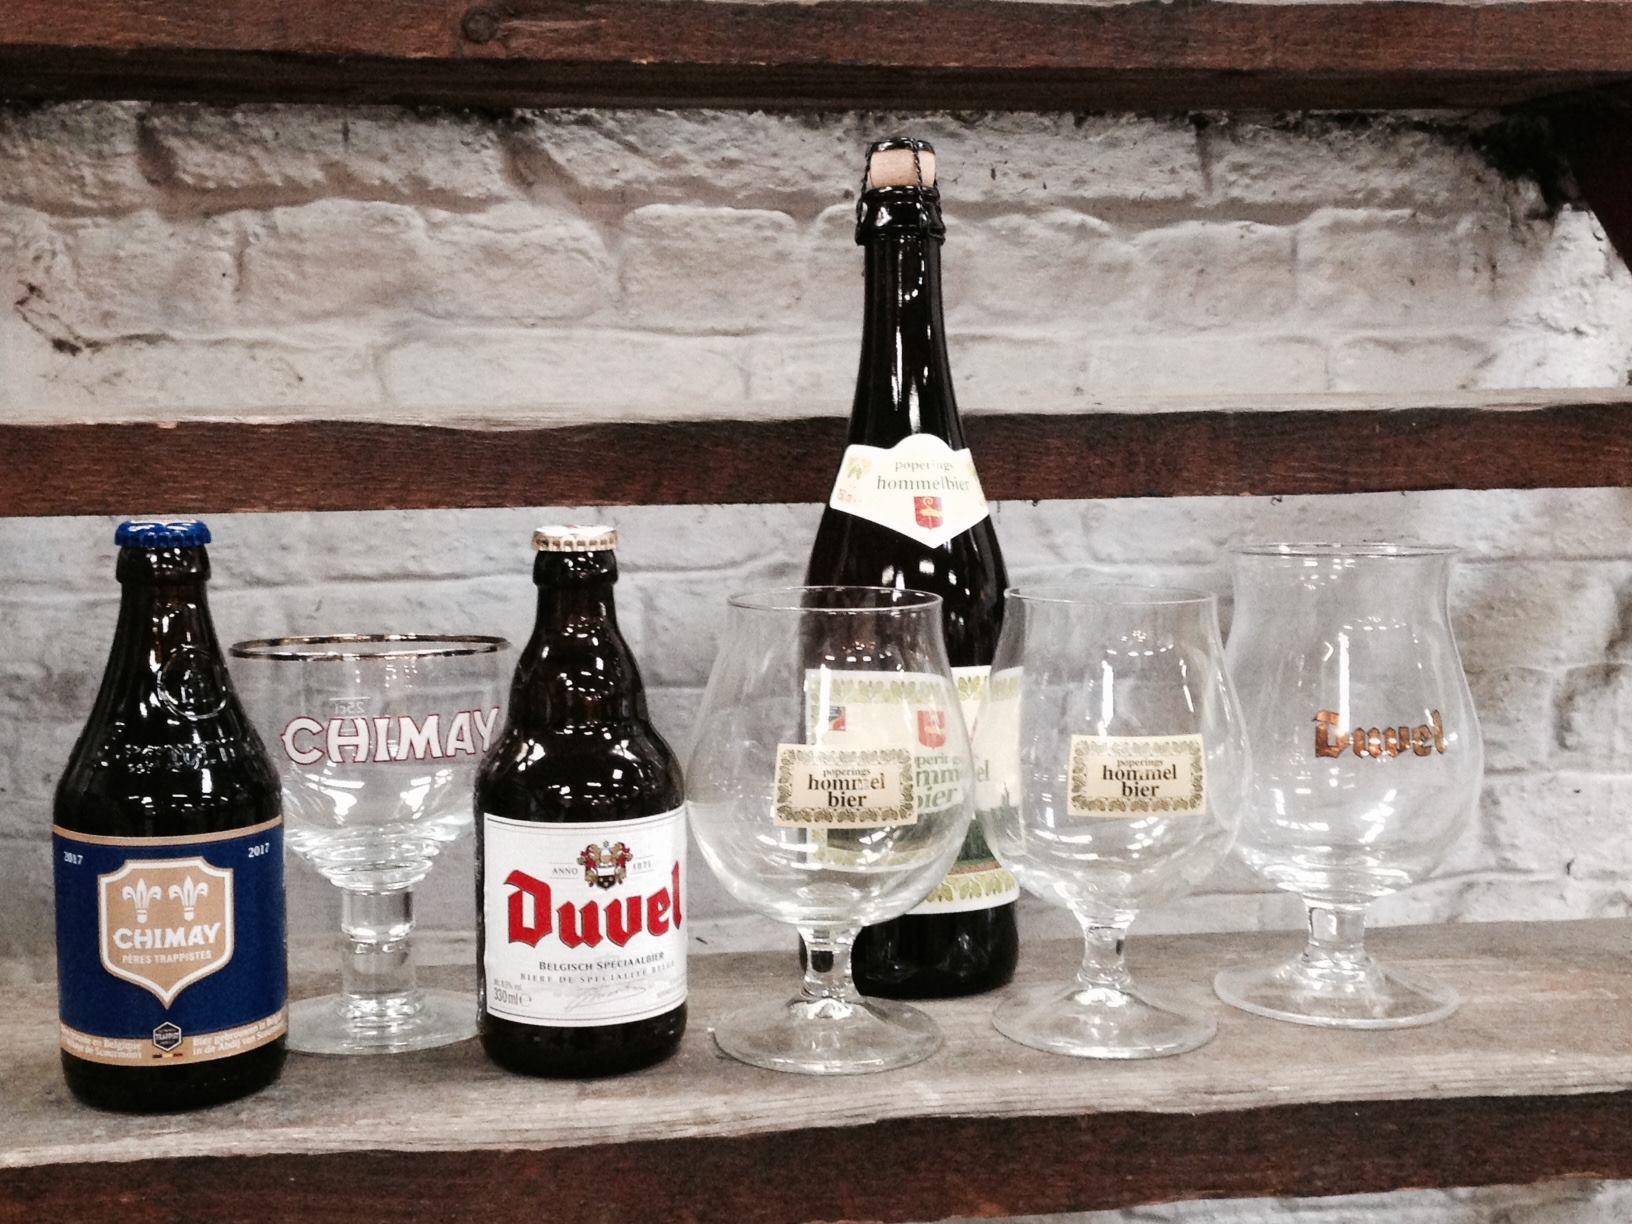 1 bouteille Duvel 33 cl + 1 bouteille de Chimay Bleue 33 cl + 1 bouteille de Hommelbier 75 cl + 1 Verre Duvel 33 cl + 1 Verre Chimay + 2 Verres Hommelbier